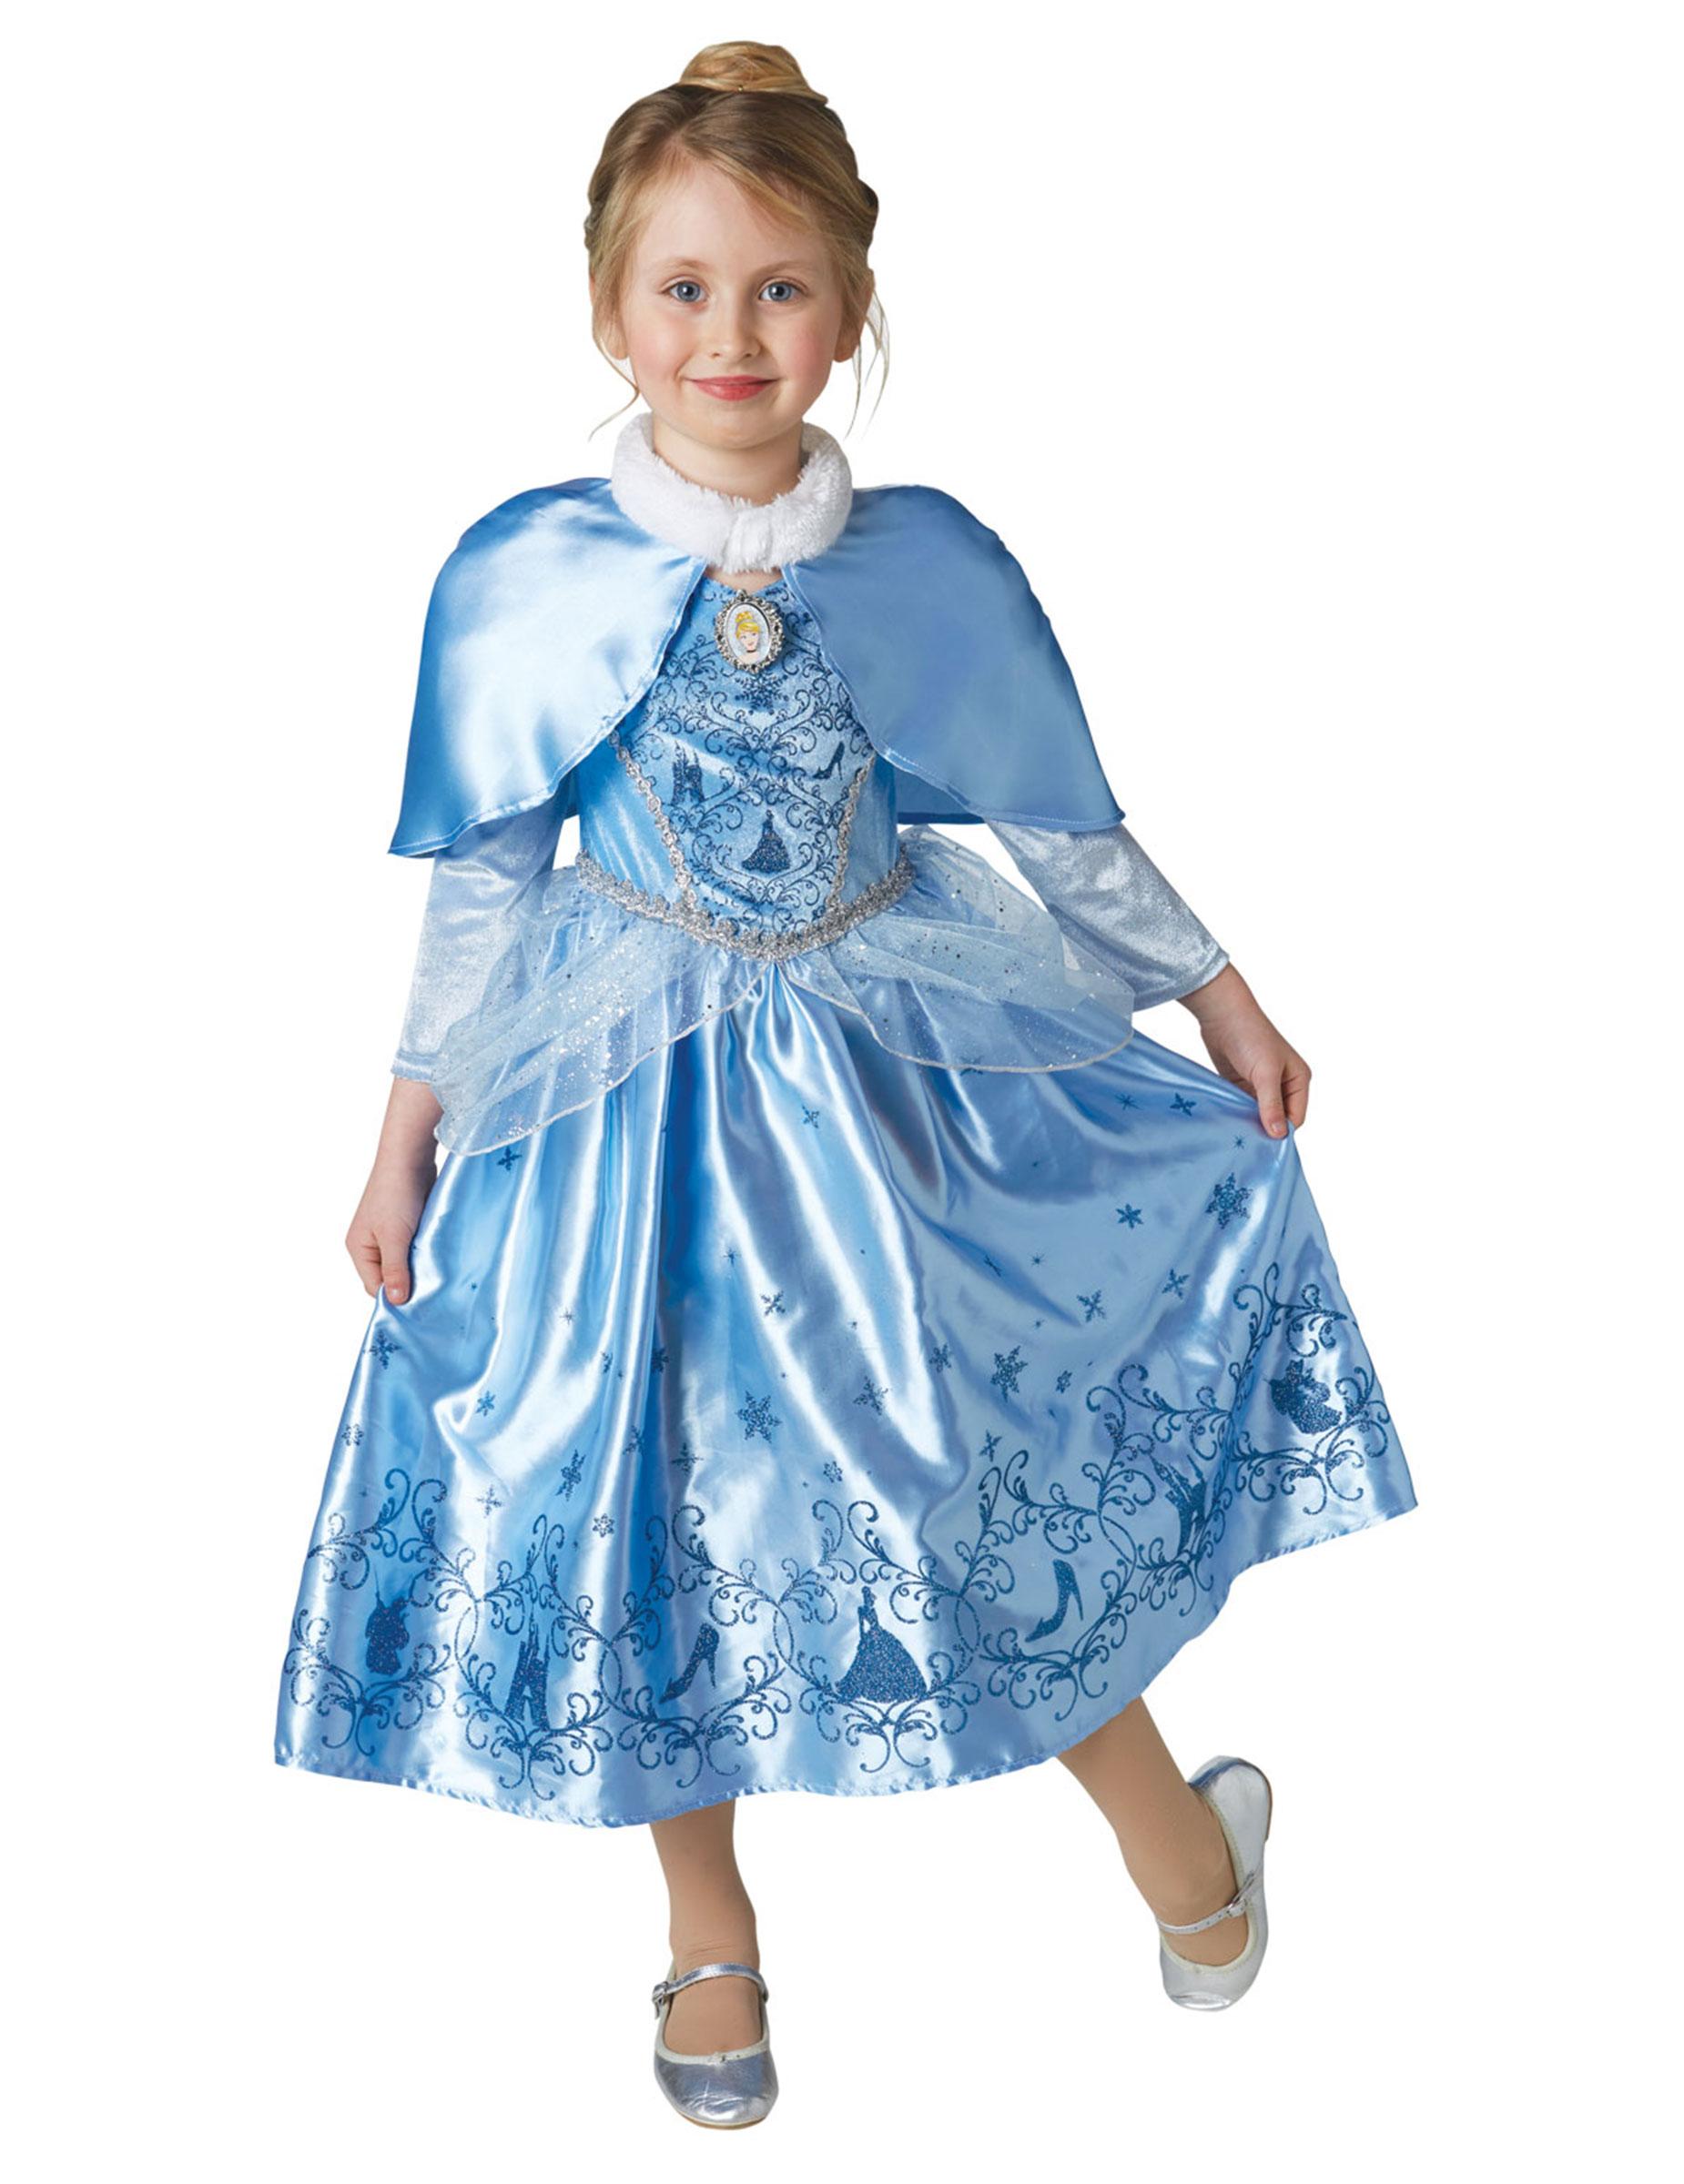 653533fb4de8 Prinsesse askepot vinterkjole med kappe til piger - Aksepot™